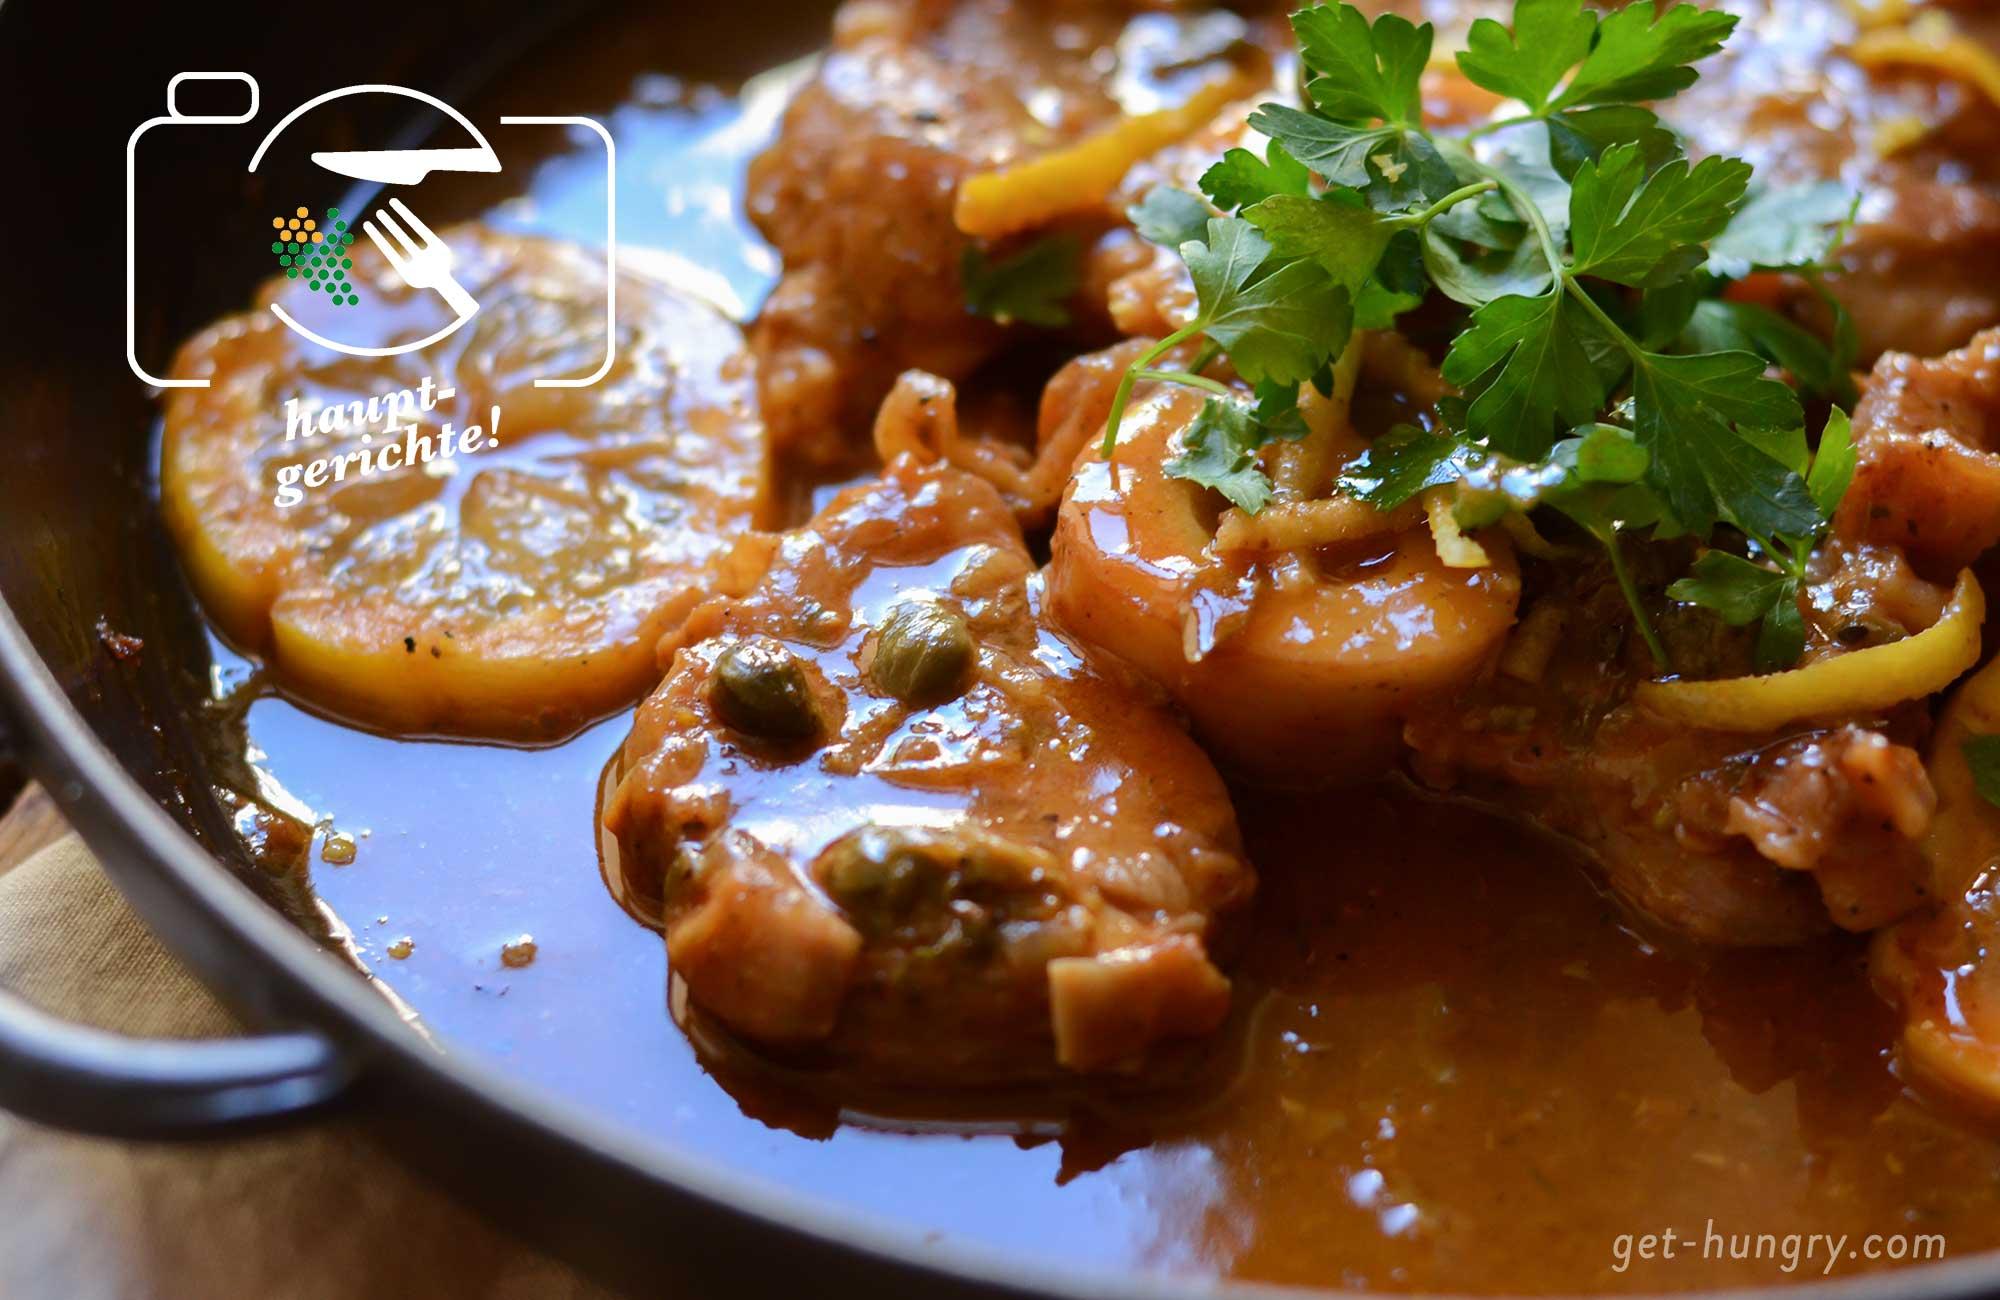 Die Zubereitung eines Ossobucos ist übrigens ziemlich simpel. Das geschmacksintensive Ergebnis zum Augenrollen köstlich. Vier Stück Kalbshaxen-Scheiben würzen, auf einer Seite mit Mehl bestäuben und 2 Minuten scharf in Öl beidseitig anbraten. Fleisch aus der Pfanne nehmen. Knoblauch, Kapern und Tomatenmark anrösten. Mit Zitronensaft und Kalbsfond ablöschen. Fleisch wieder in den Sud legen und ca. 1 Stunde bei kleiner Temperatur weich schmoren. Sauce vor dem Servieren mit kalter Butter montieren und mit frischer Petersilie servieren. Genaues Rezept folgt!